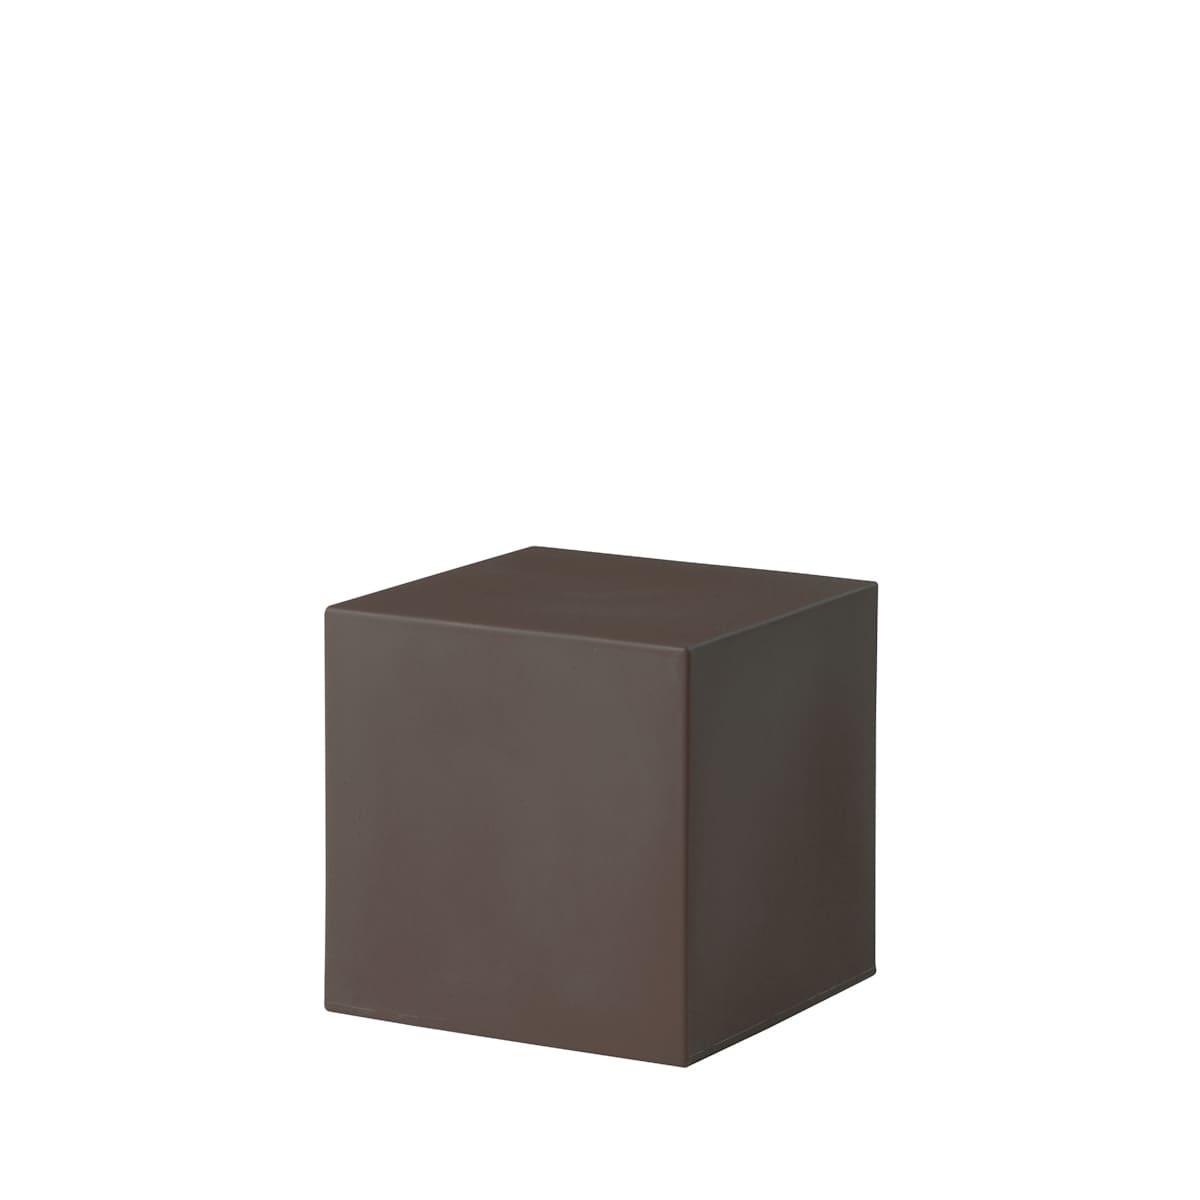 antrazith cube würfel Bunte Wuerfel Outdoor - Terrassenmöbel Wetterfest